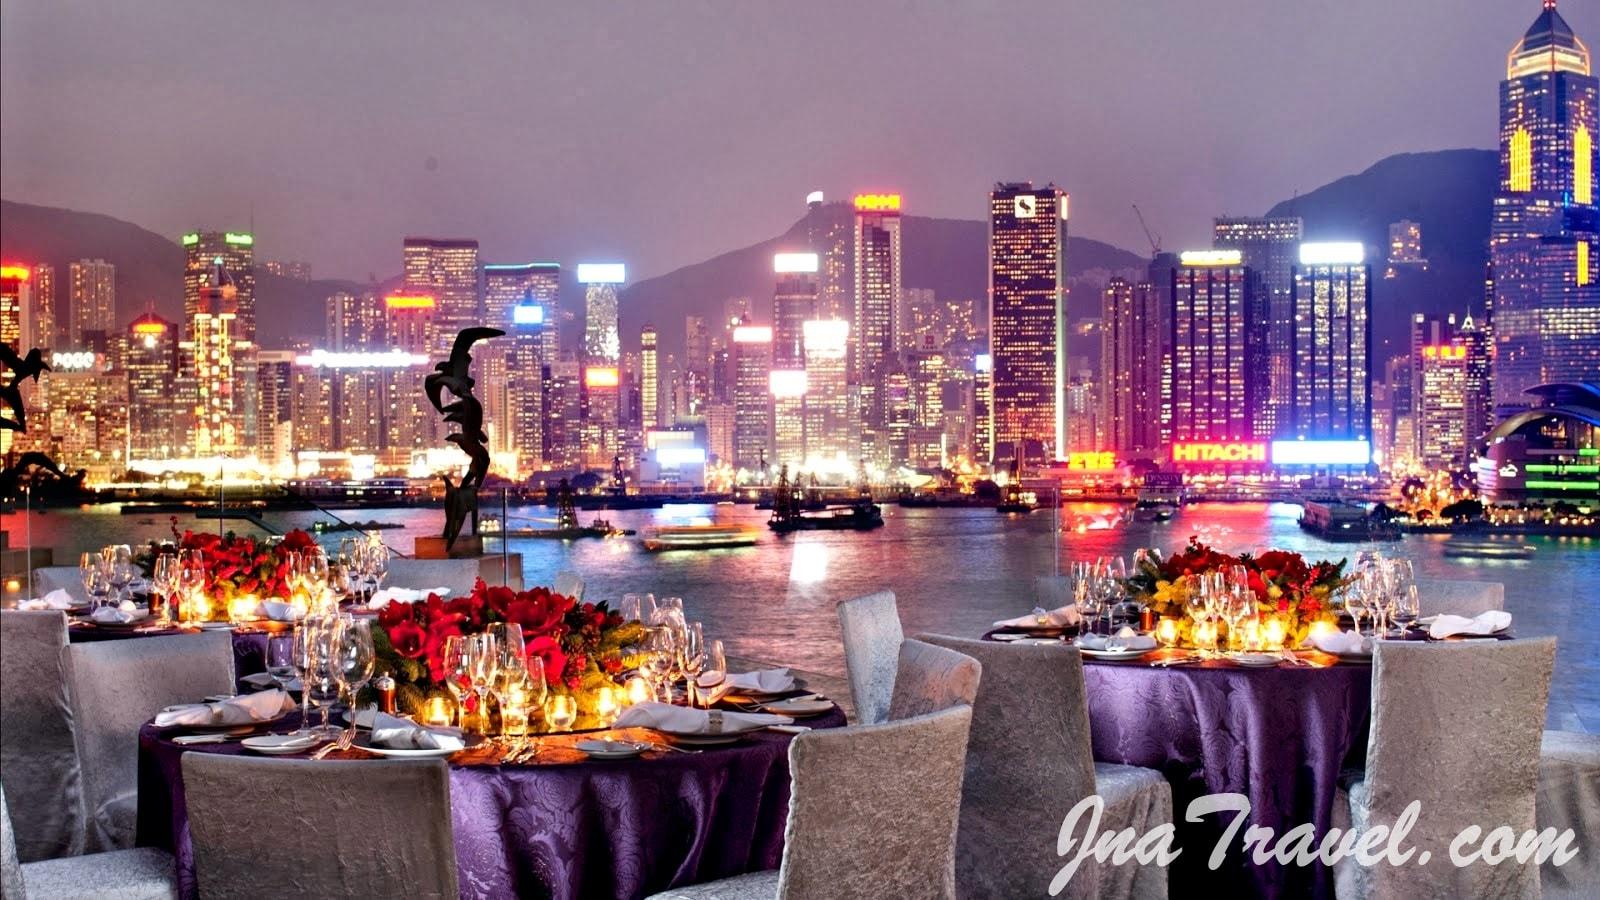 Hong Kong Travel, Travel Guide, Sights